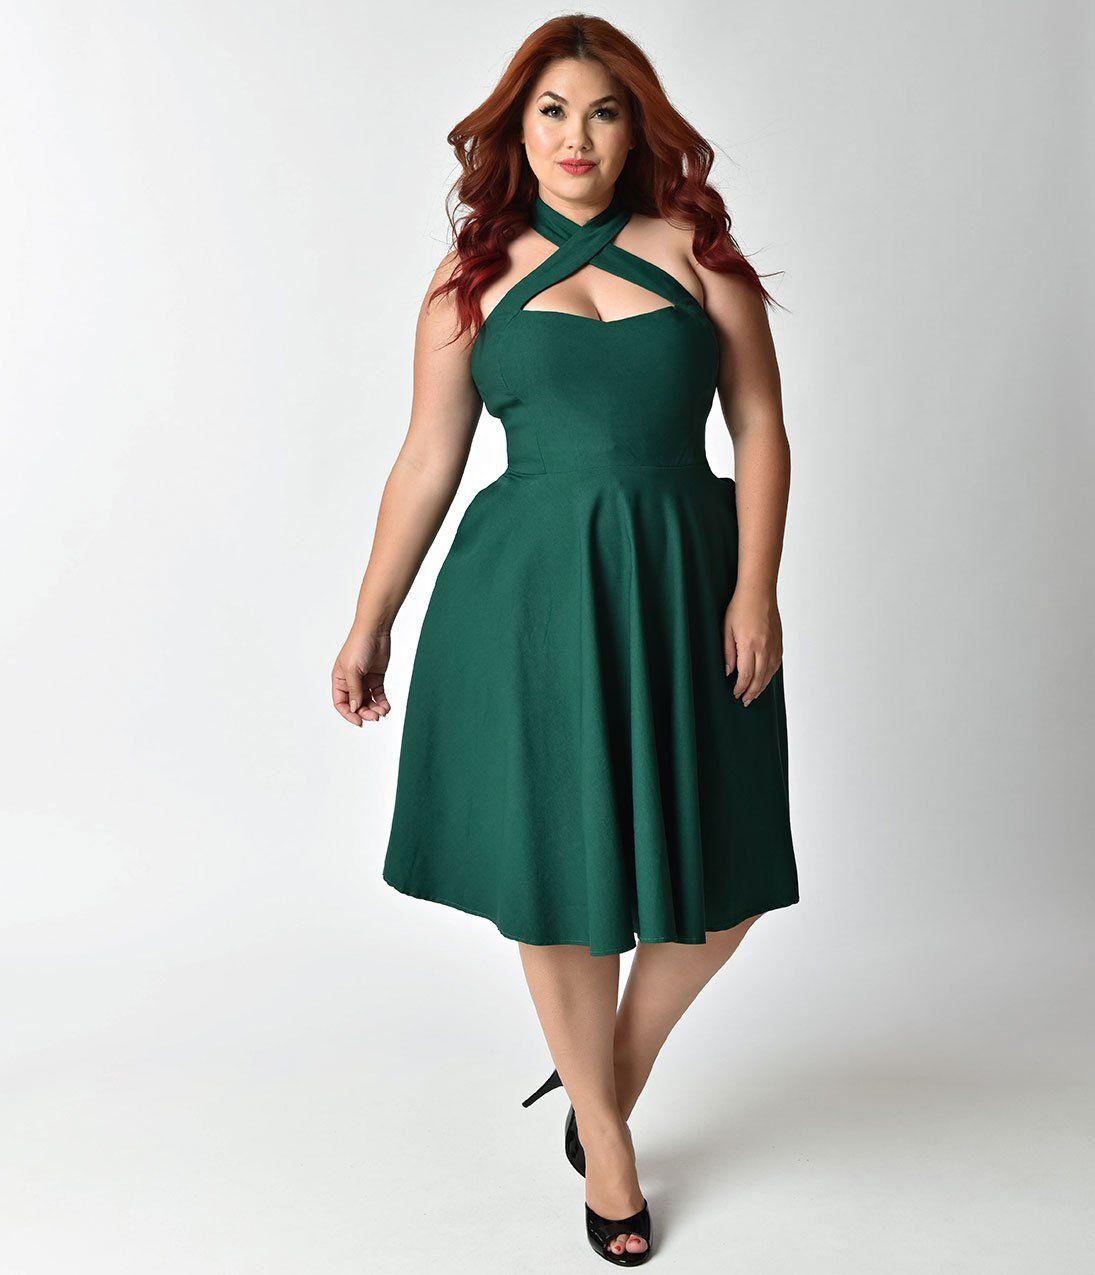 38d60428d464 Unique Vintage Plus Size Wedding Dresses